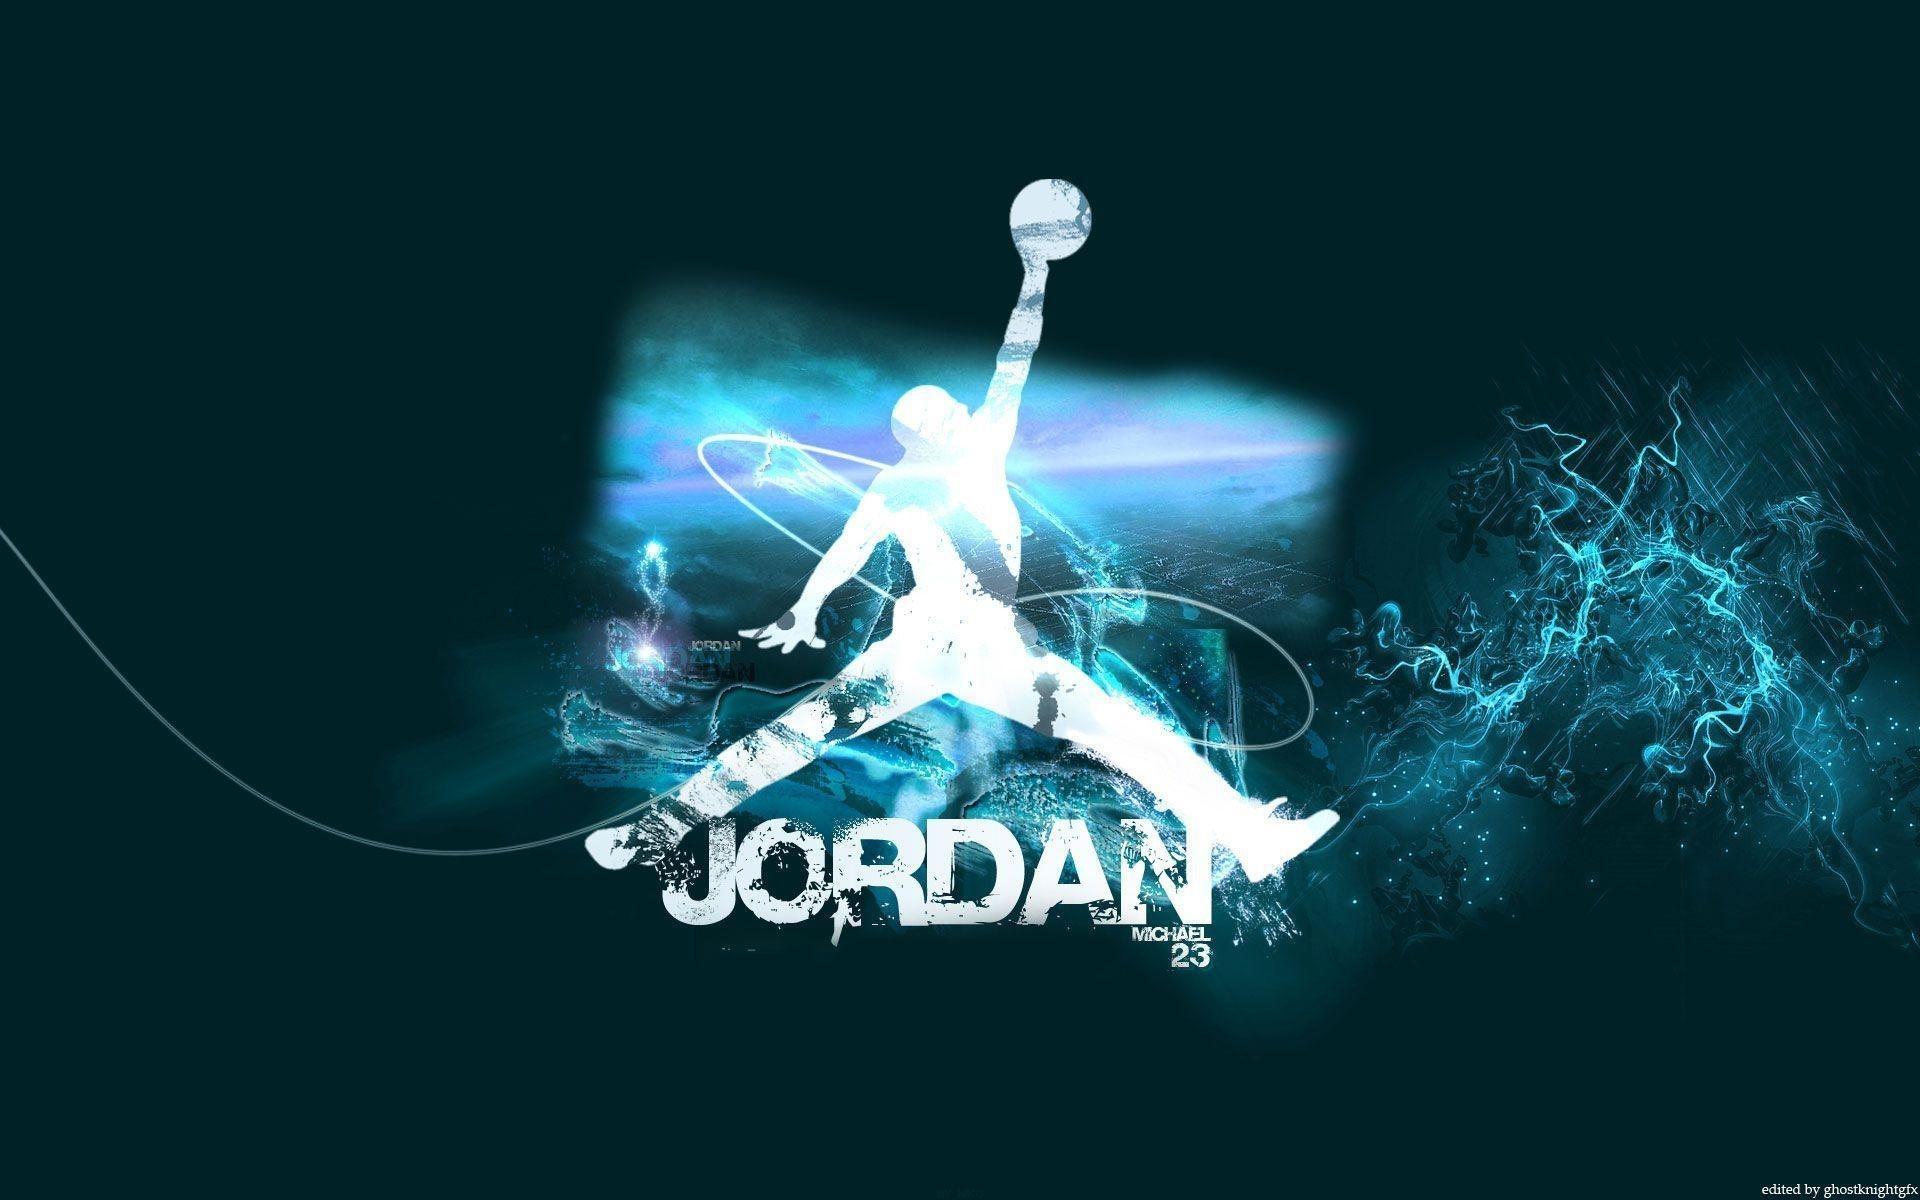 air jordan logo wallpapers - wallpaper cave